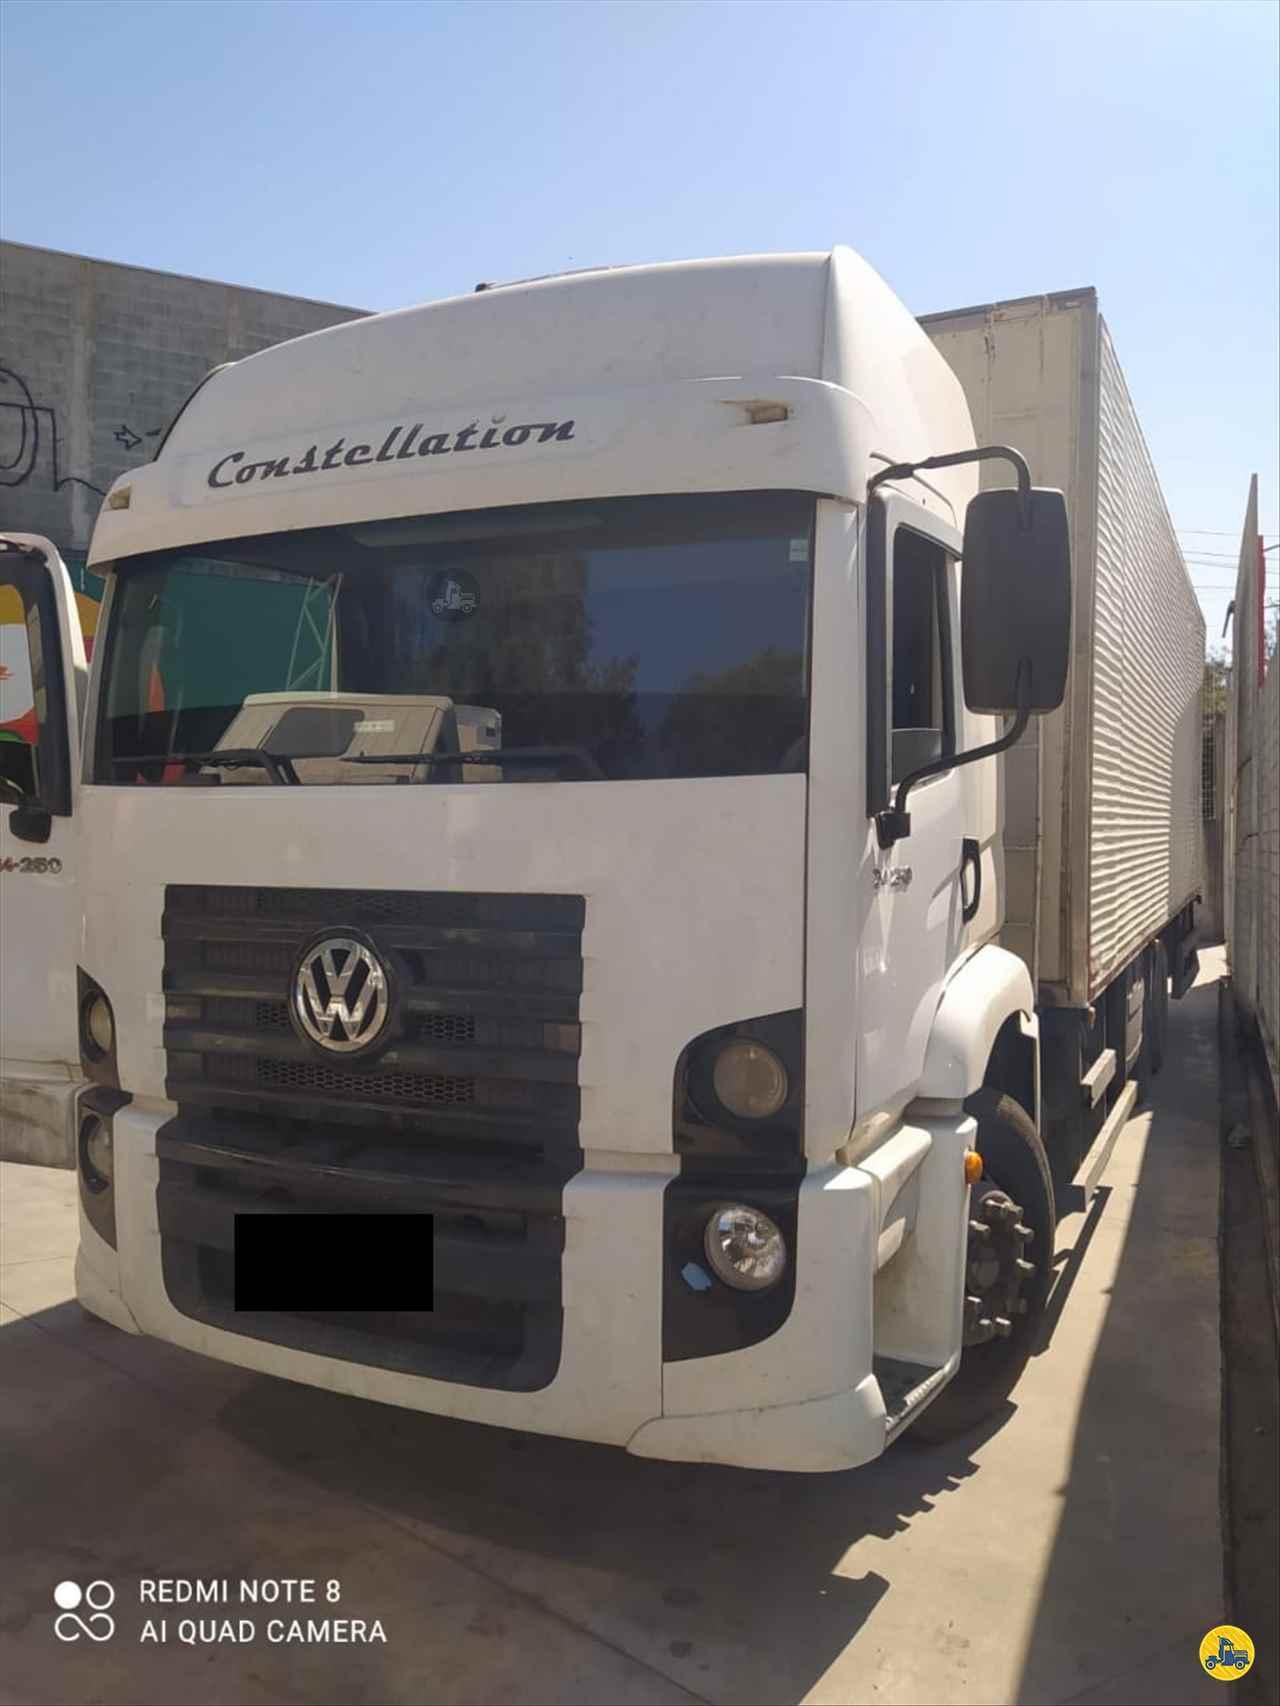 CAMINHAO VOLKSWAGEN VW 24250 Baú Frigorífico Truck 6x2 Wilson Caminhões RIBEIRAO PIRES SÃO PAULO SP